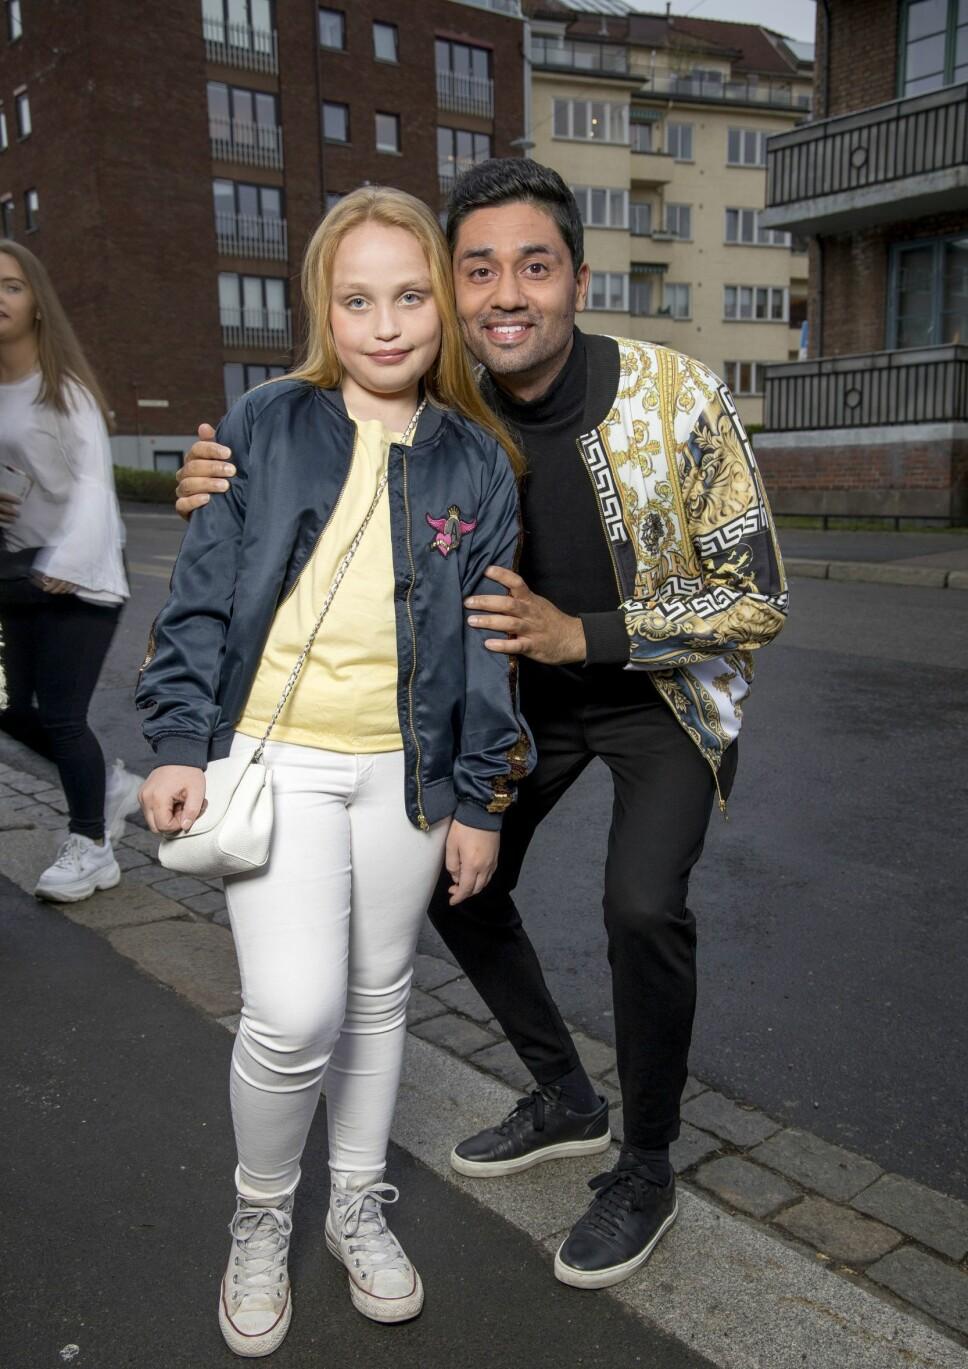 UNG FAN: NRK-profil Noman Mubashir kom på premieren sammen med bonusdatteren Isabel (10). – Hun er veldig stor fan av serien, så nå fikk hun bli med på sin første premierefest, sier Noman.